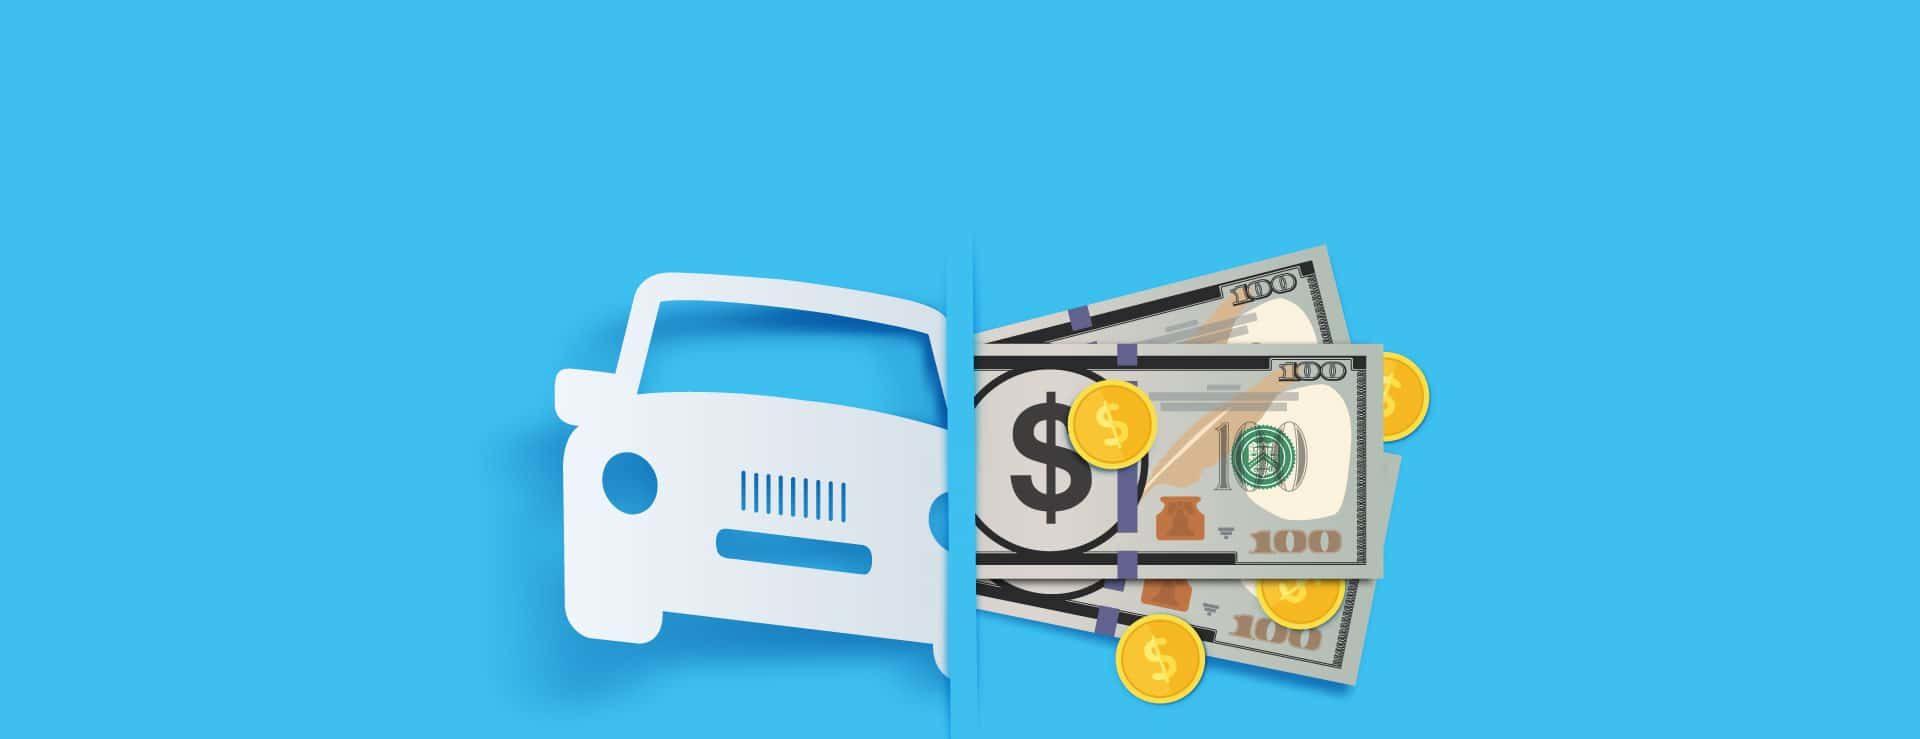 loan-discounts-web-min